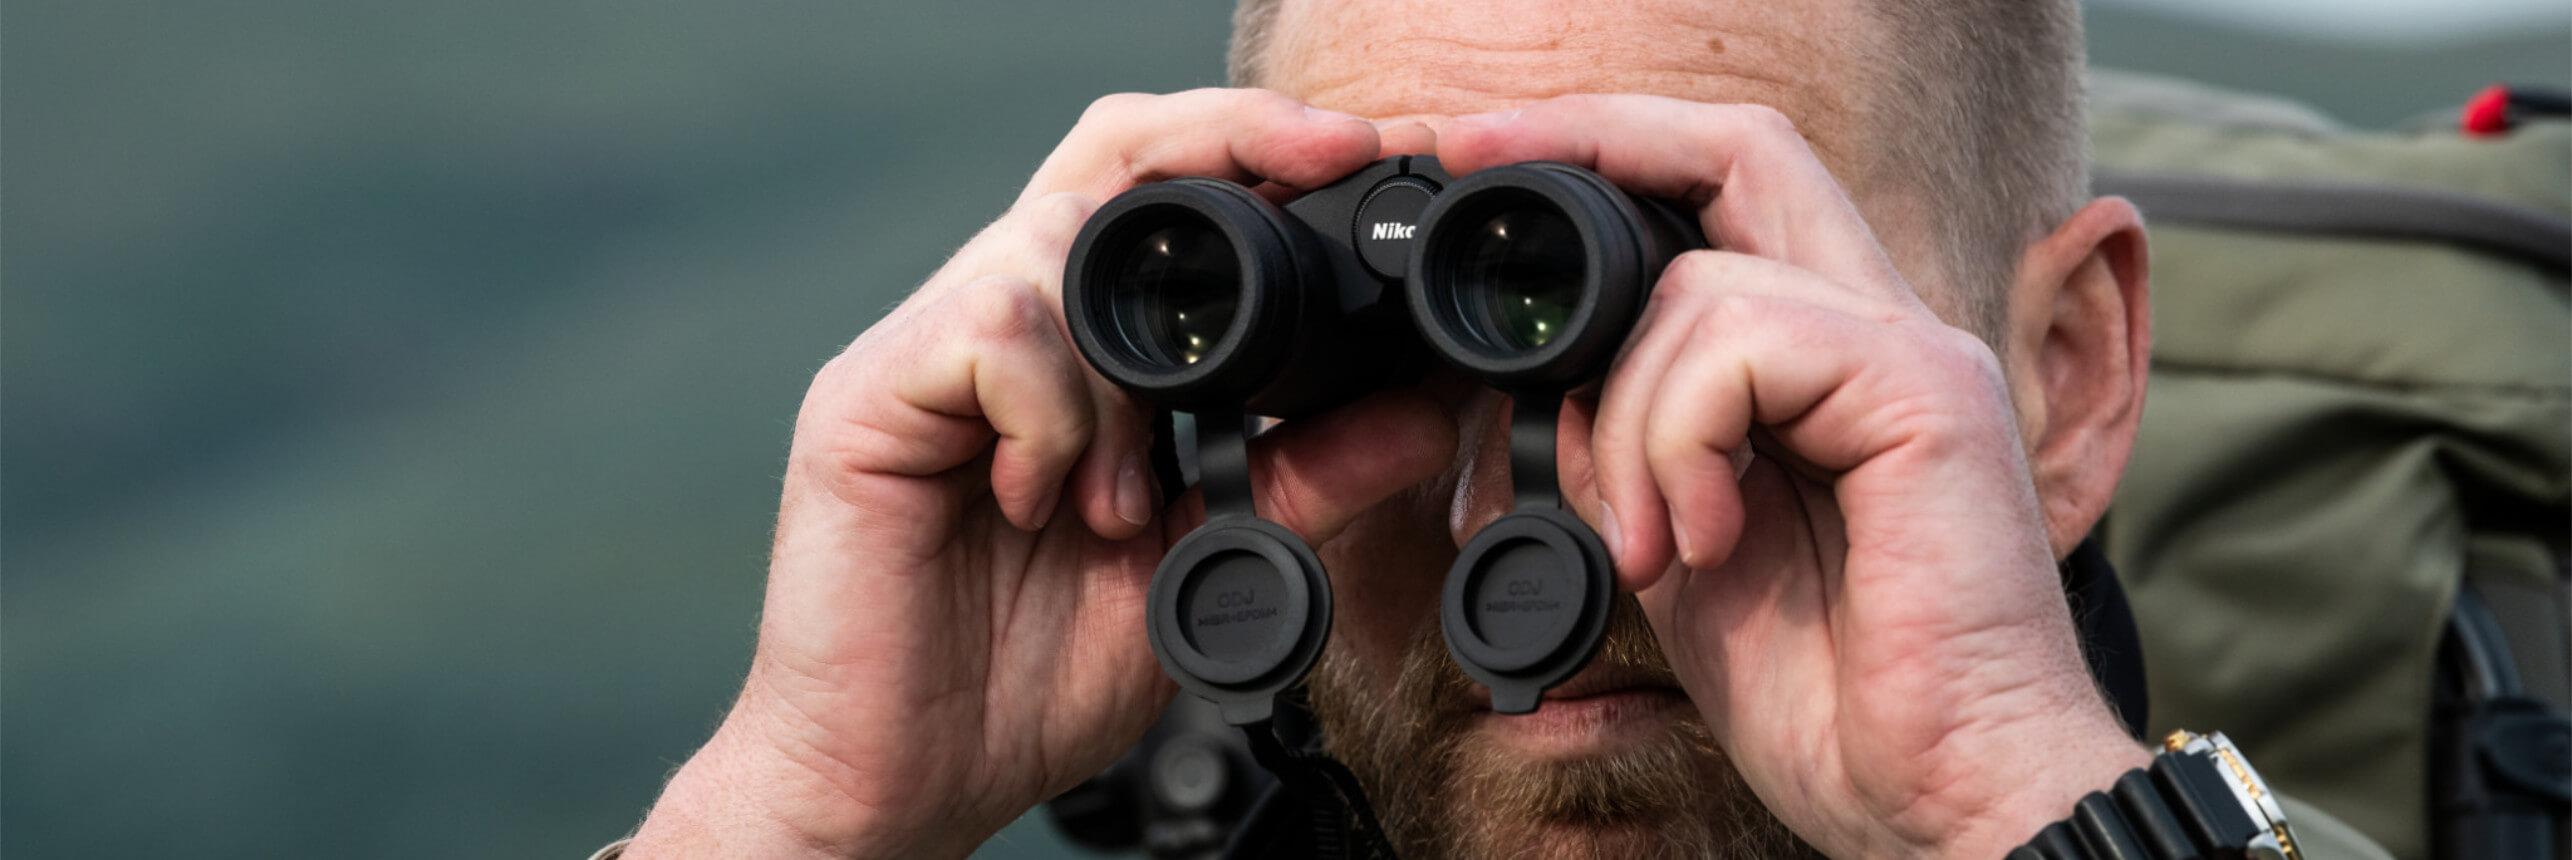 Dalekohledy Monarch M5 a M7 –novinky sportovní optiky Nikonu